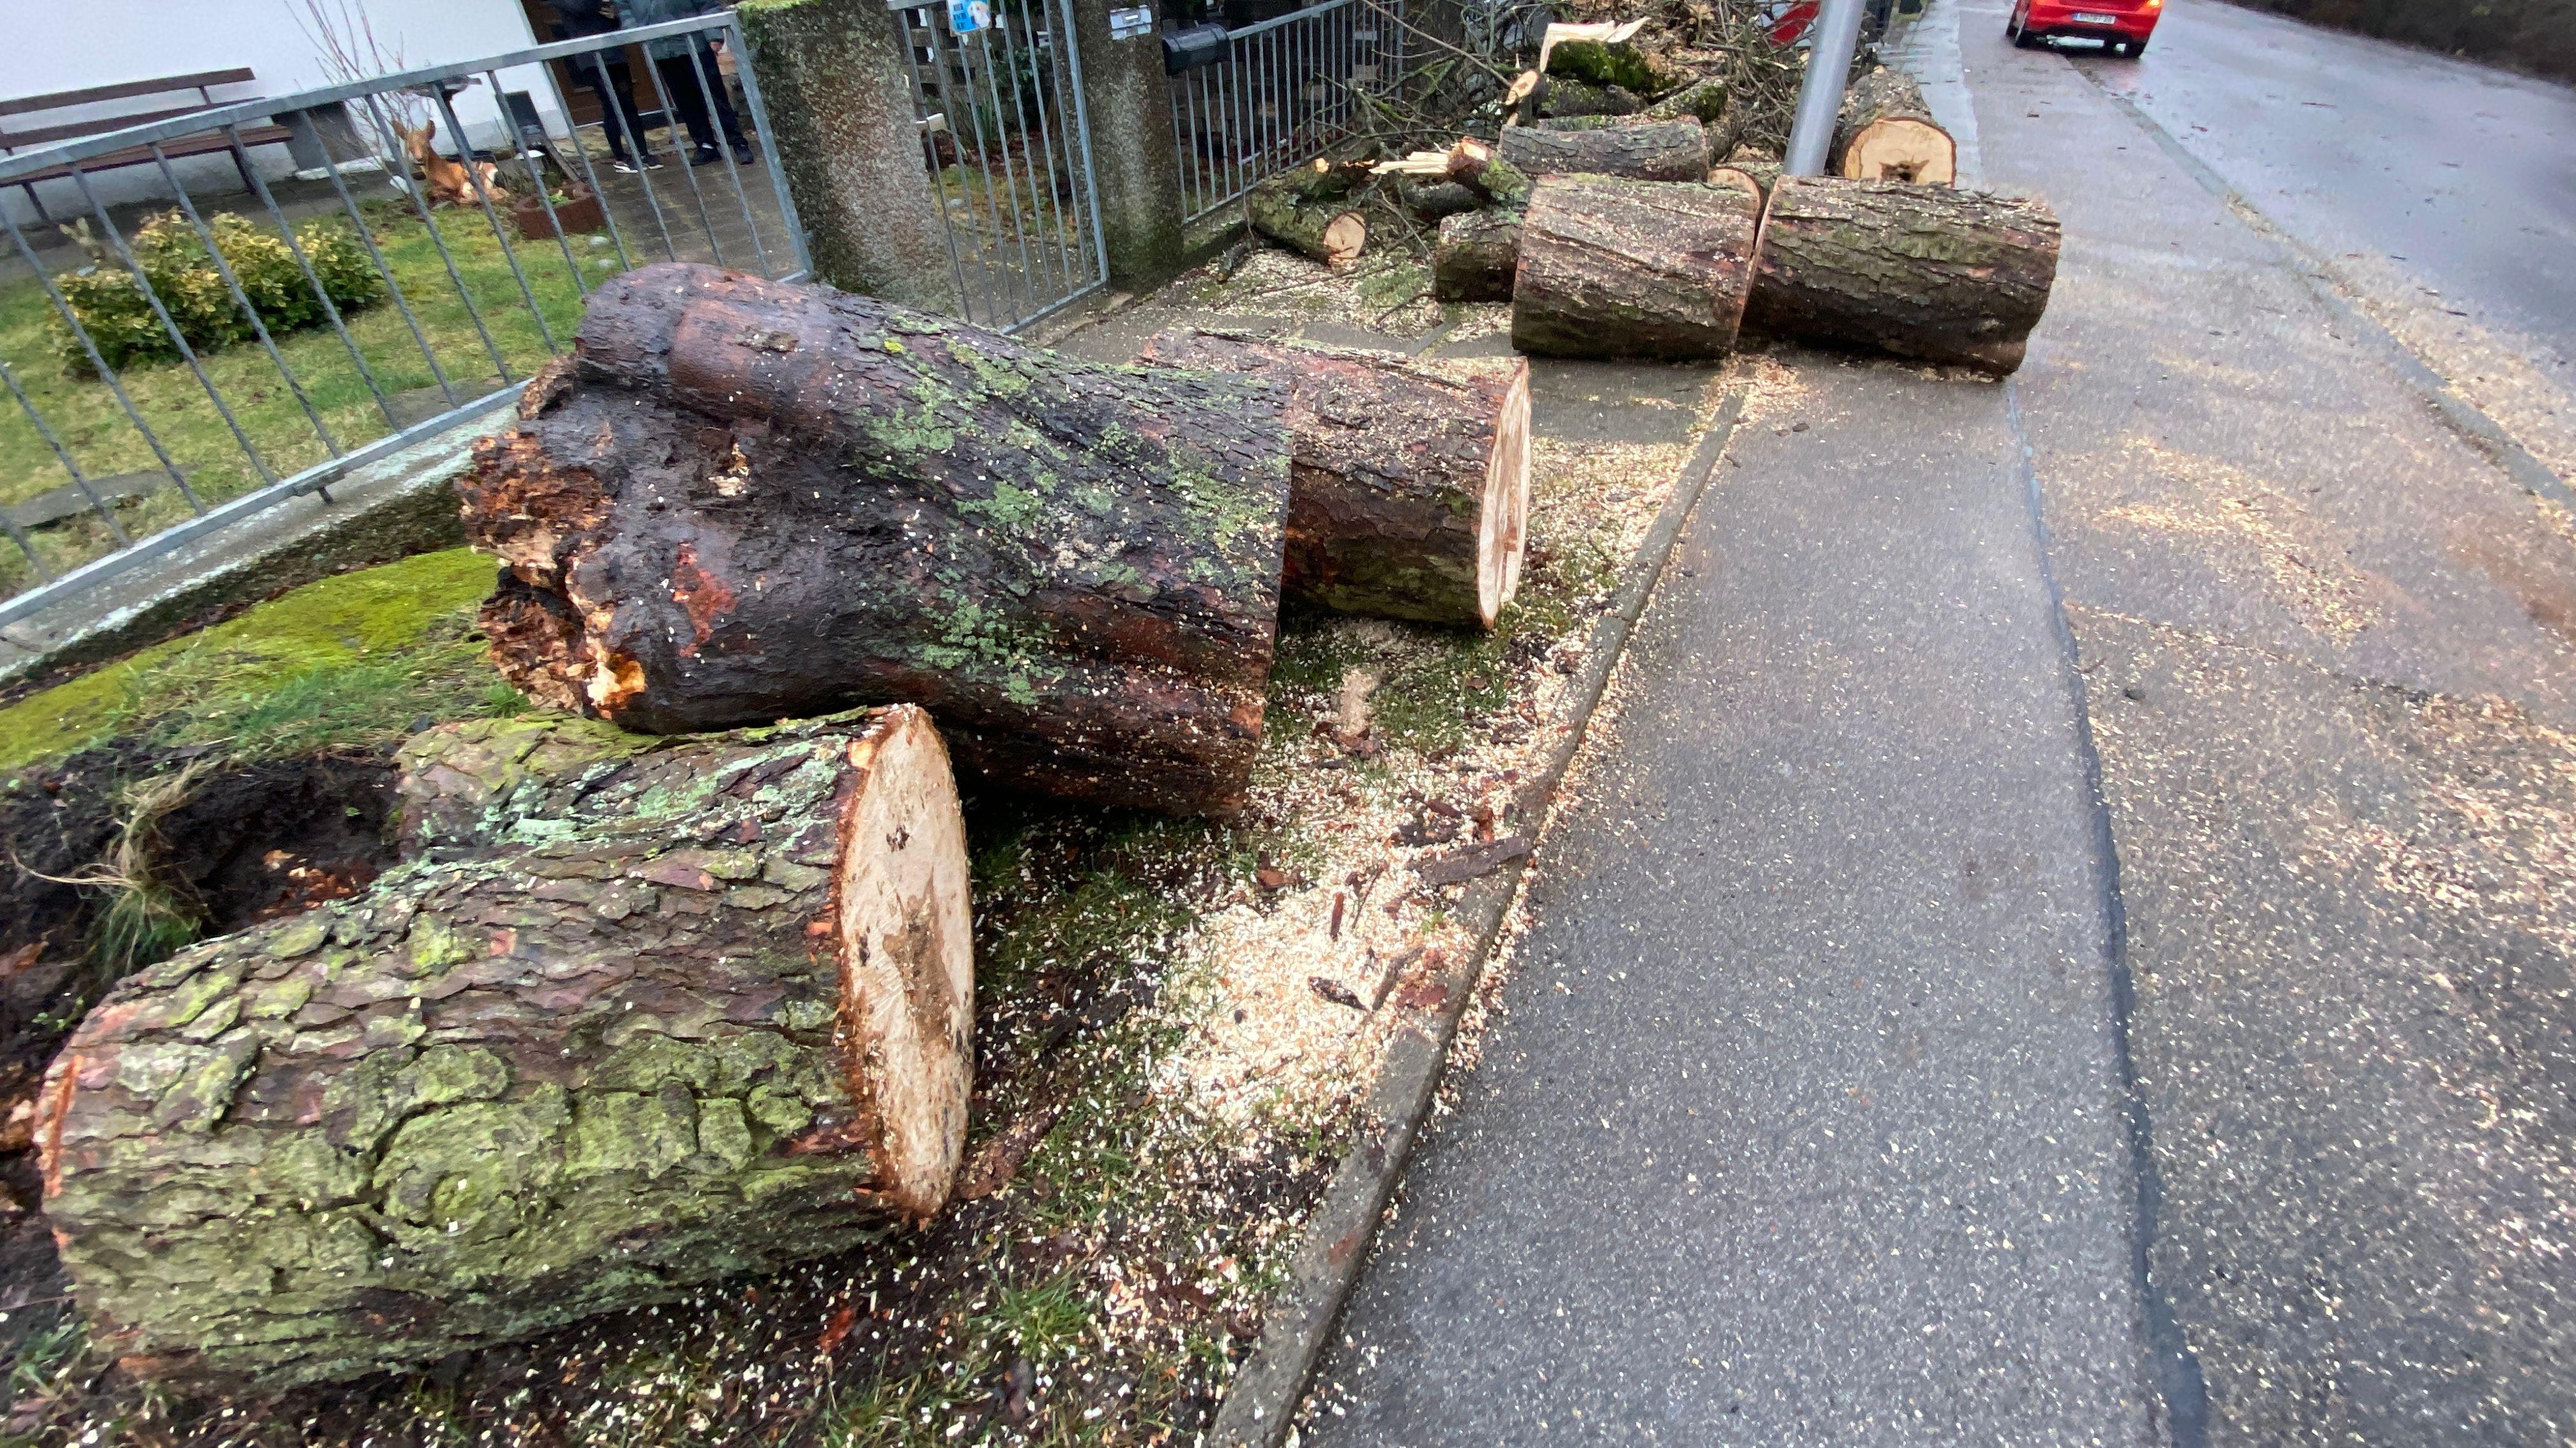 Abgesägte Bäume liegen auf dem Gehweg